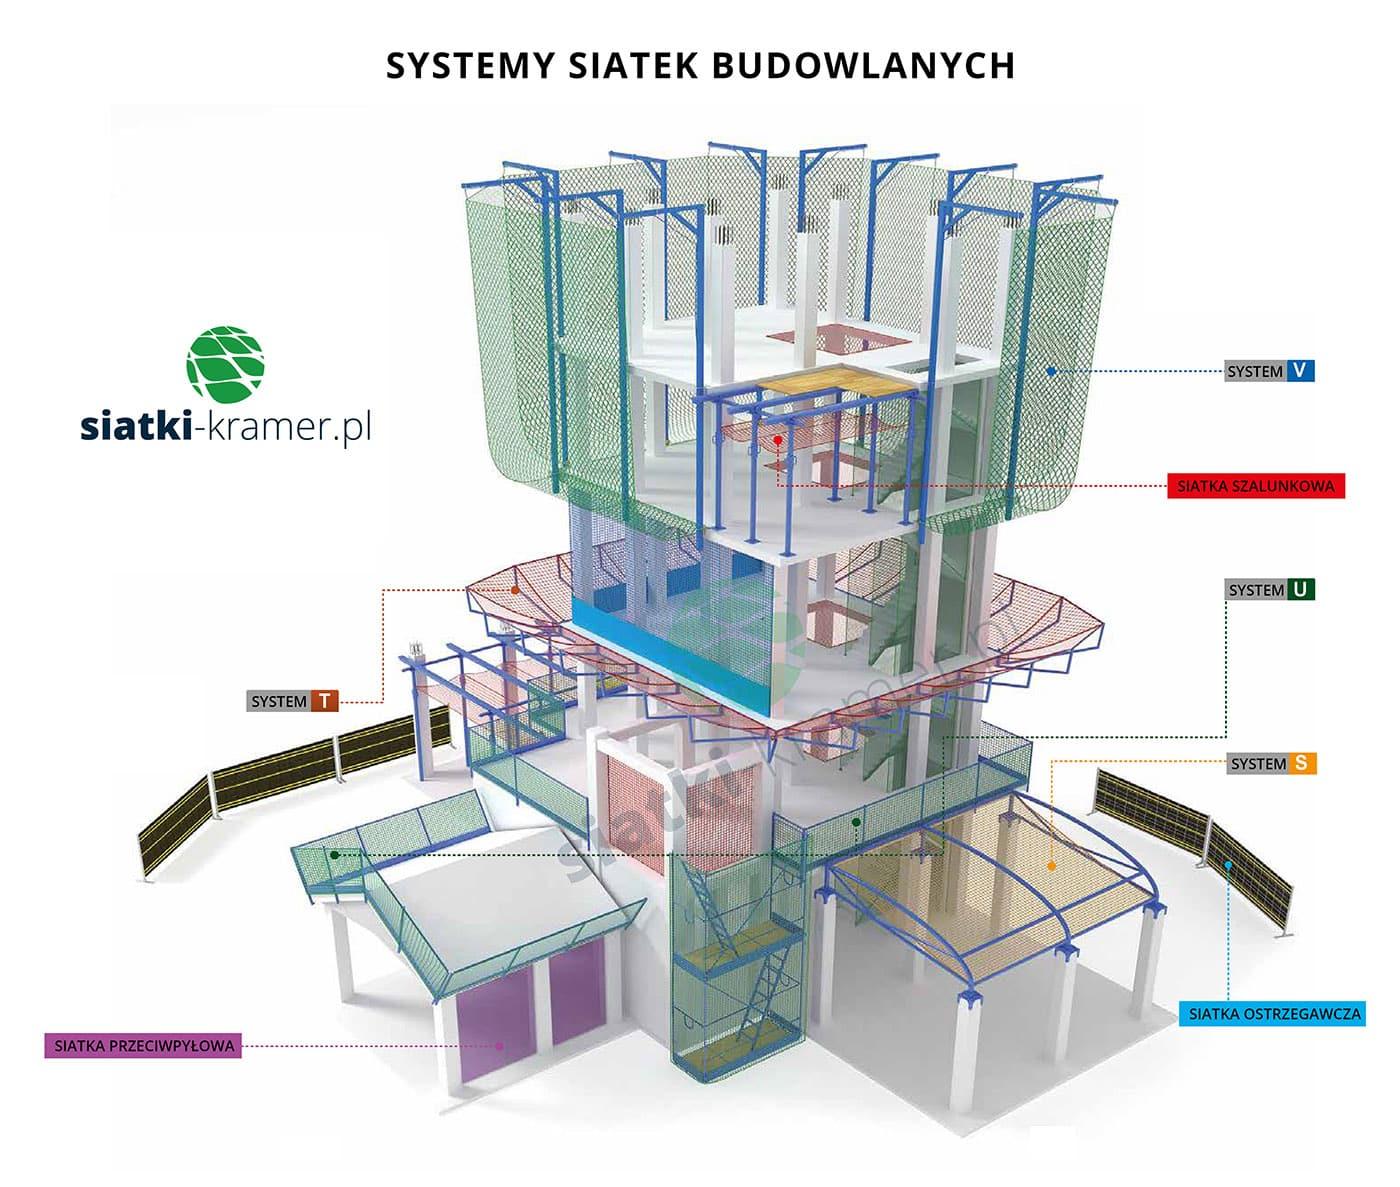 Systemy siatek budowlanych dostępnych w ofercie siatki kramer